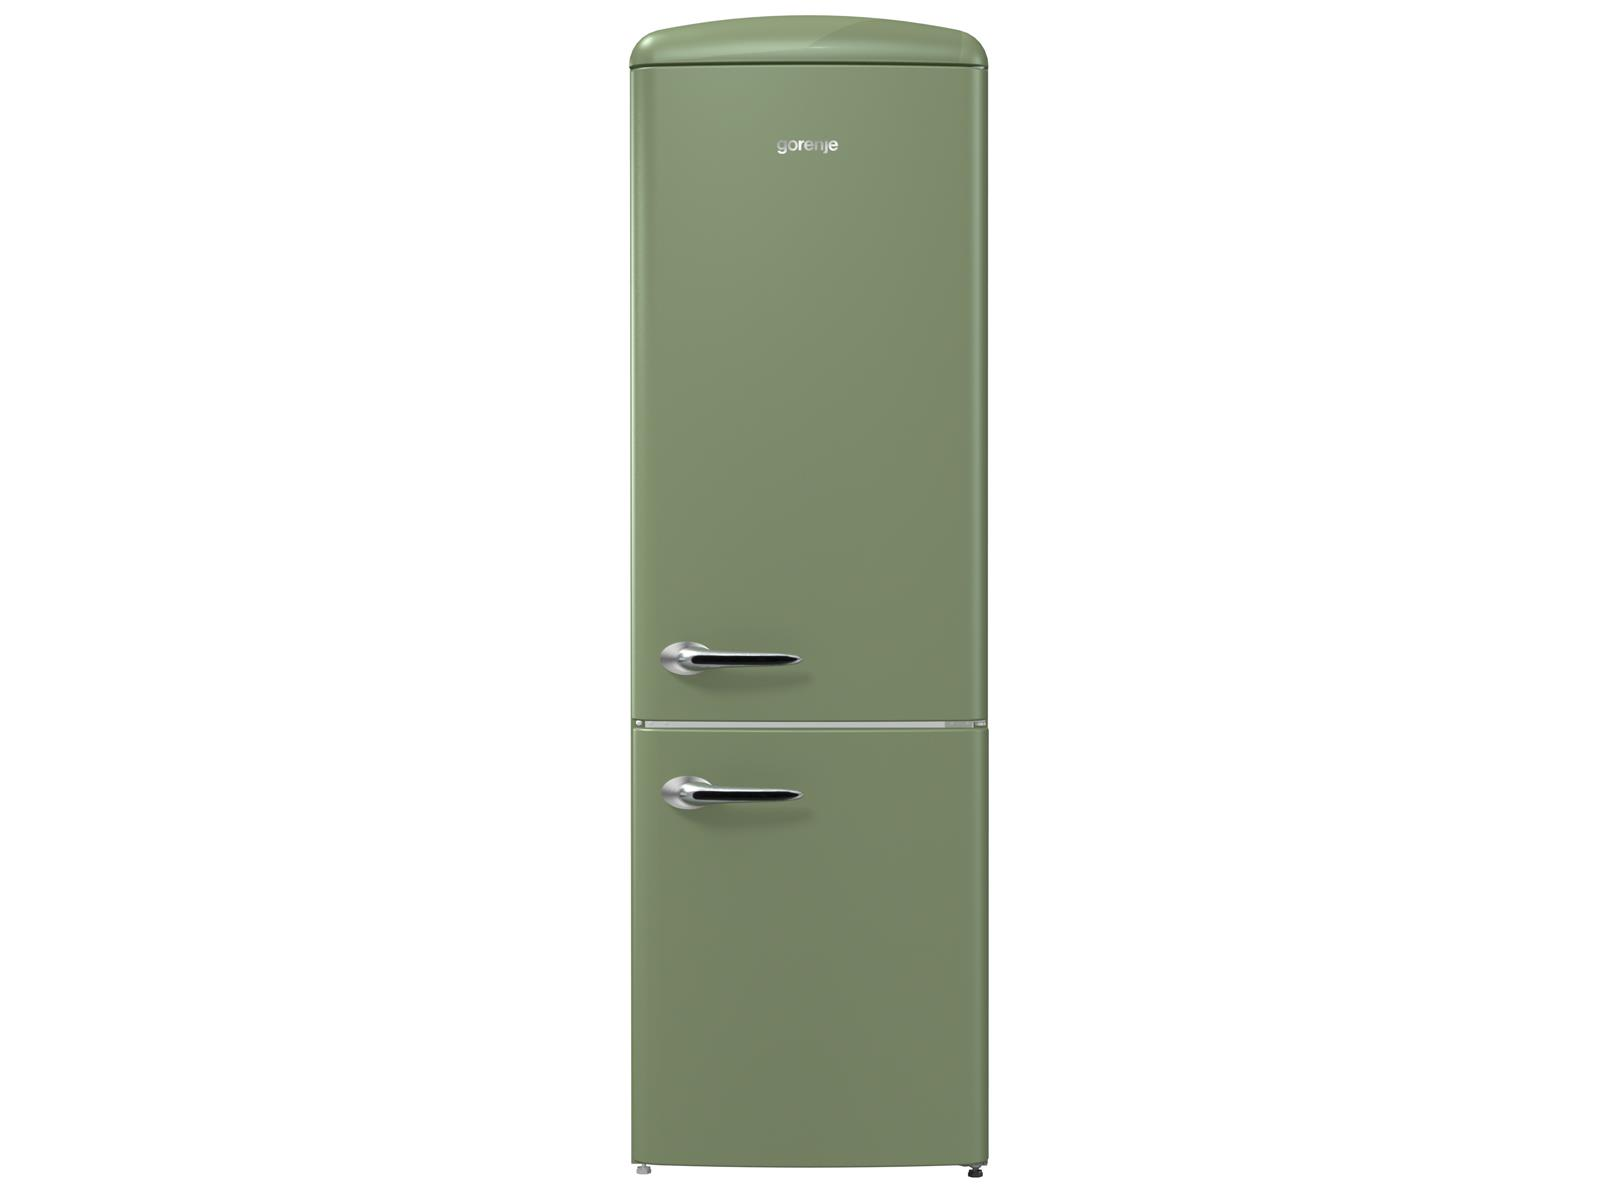 Gorenje Kühlschrank Abtauen : Kühlschrank gorenje abtauen gorenje rbi aw kühlschrank eingebaut